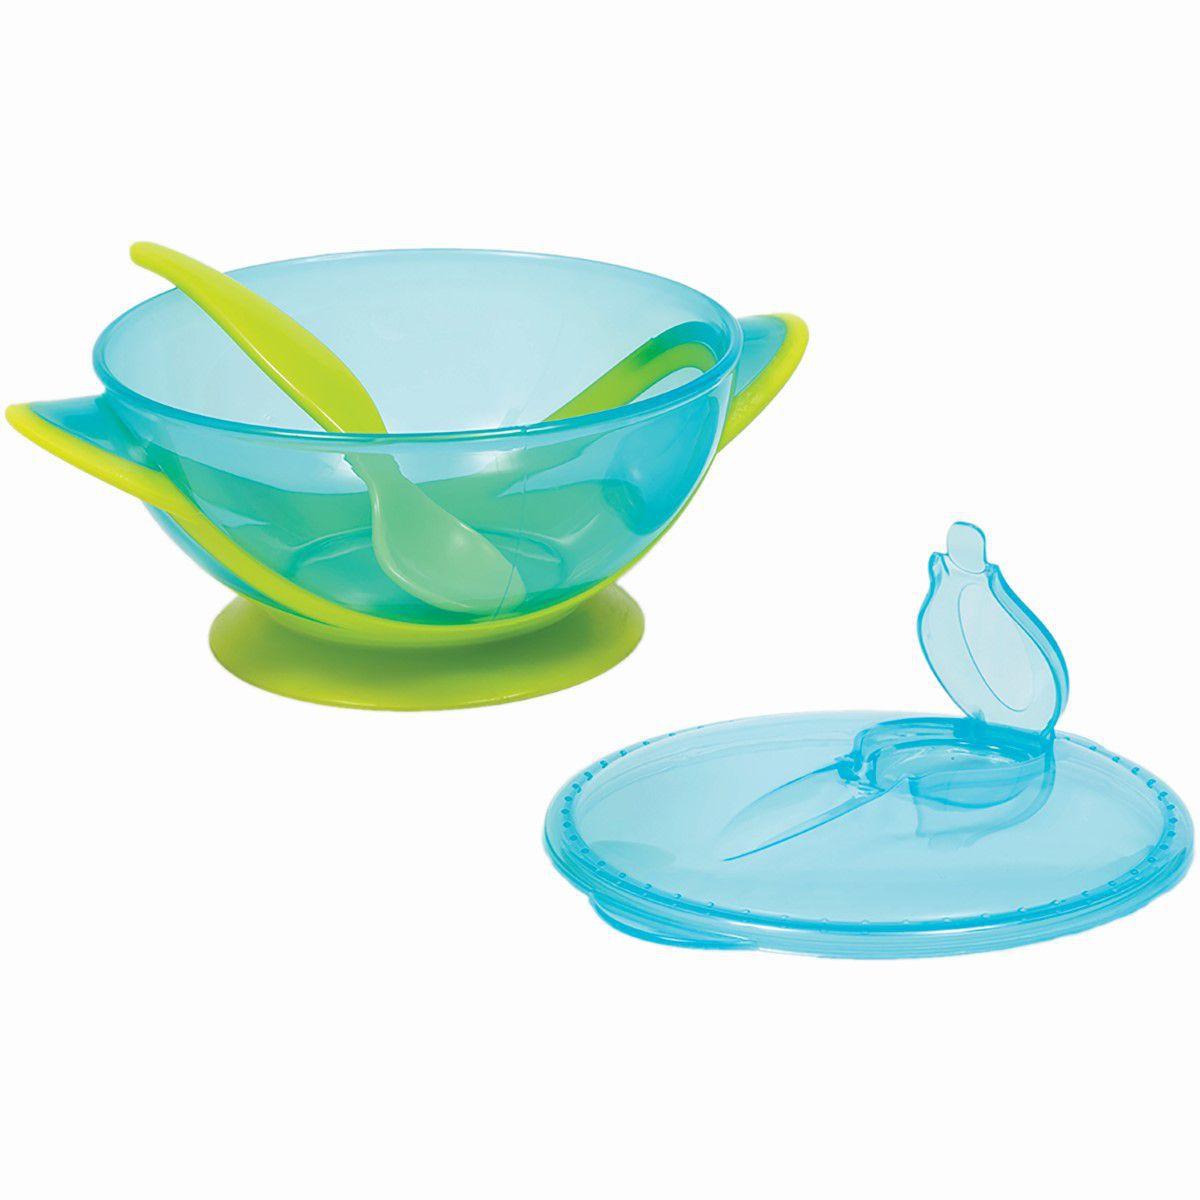 Kit Refeicao Buba Baby Azul Livre De Bpa Pote com Tampa Ventosa Compartimento para guardar Colher .